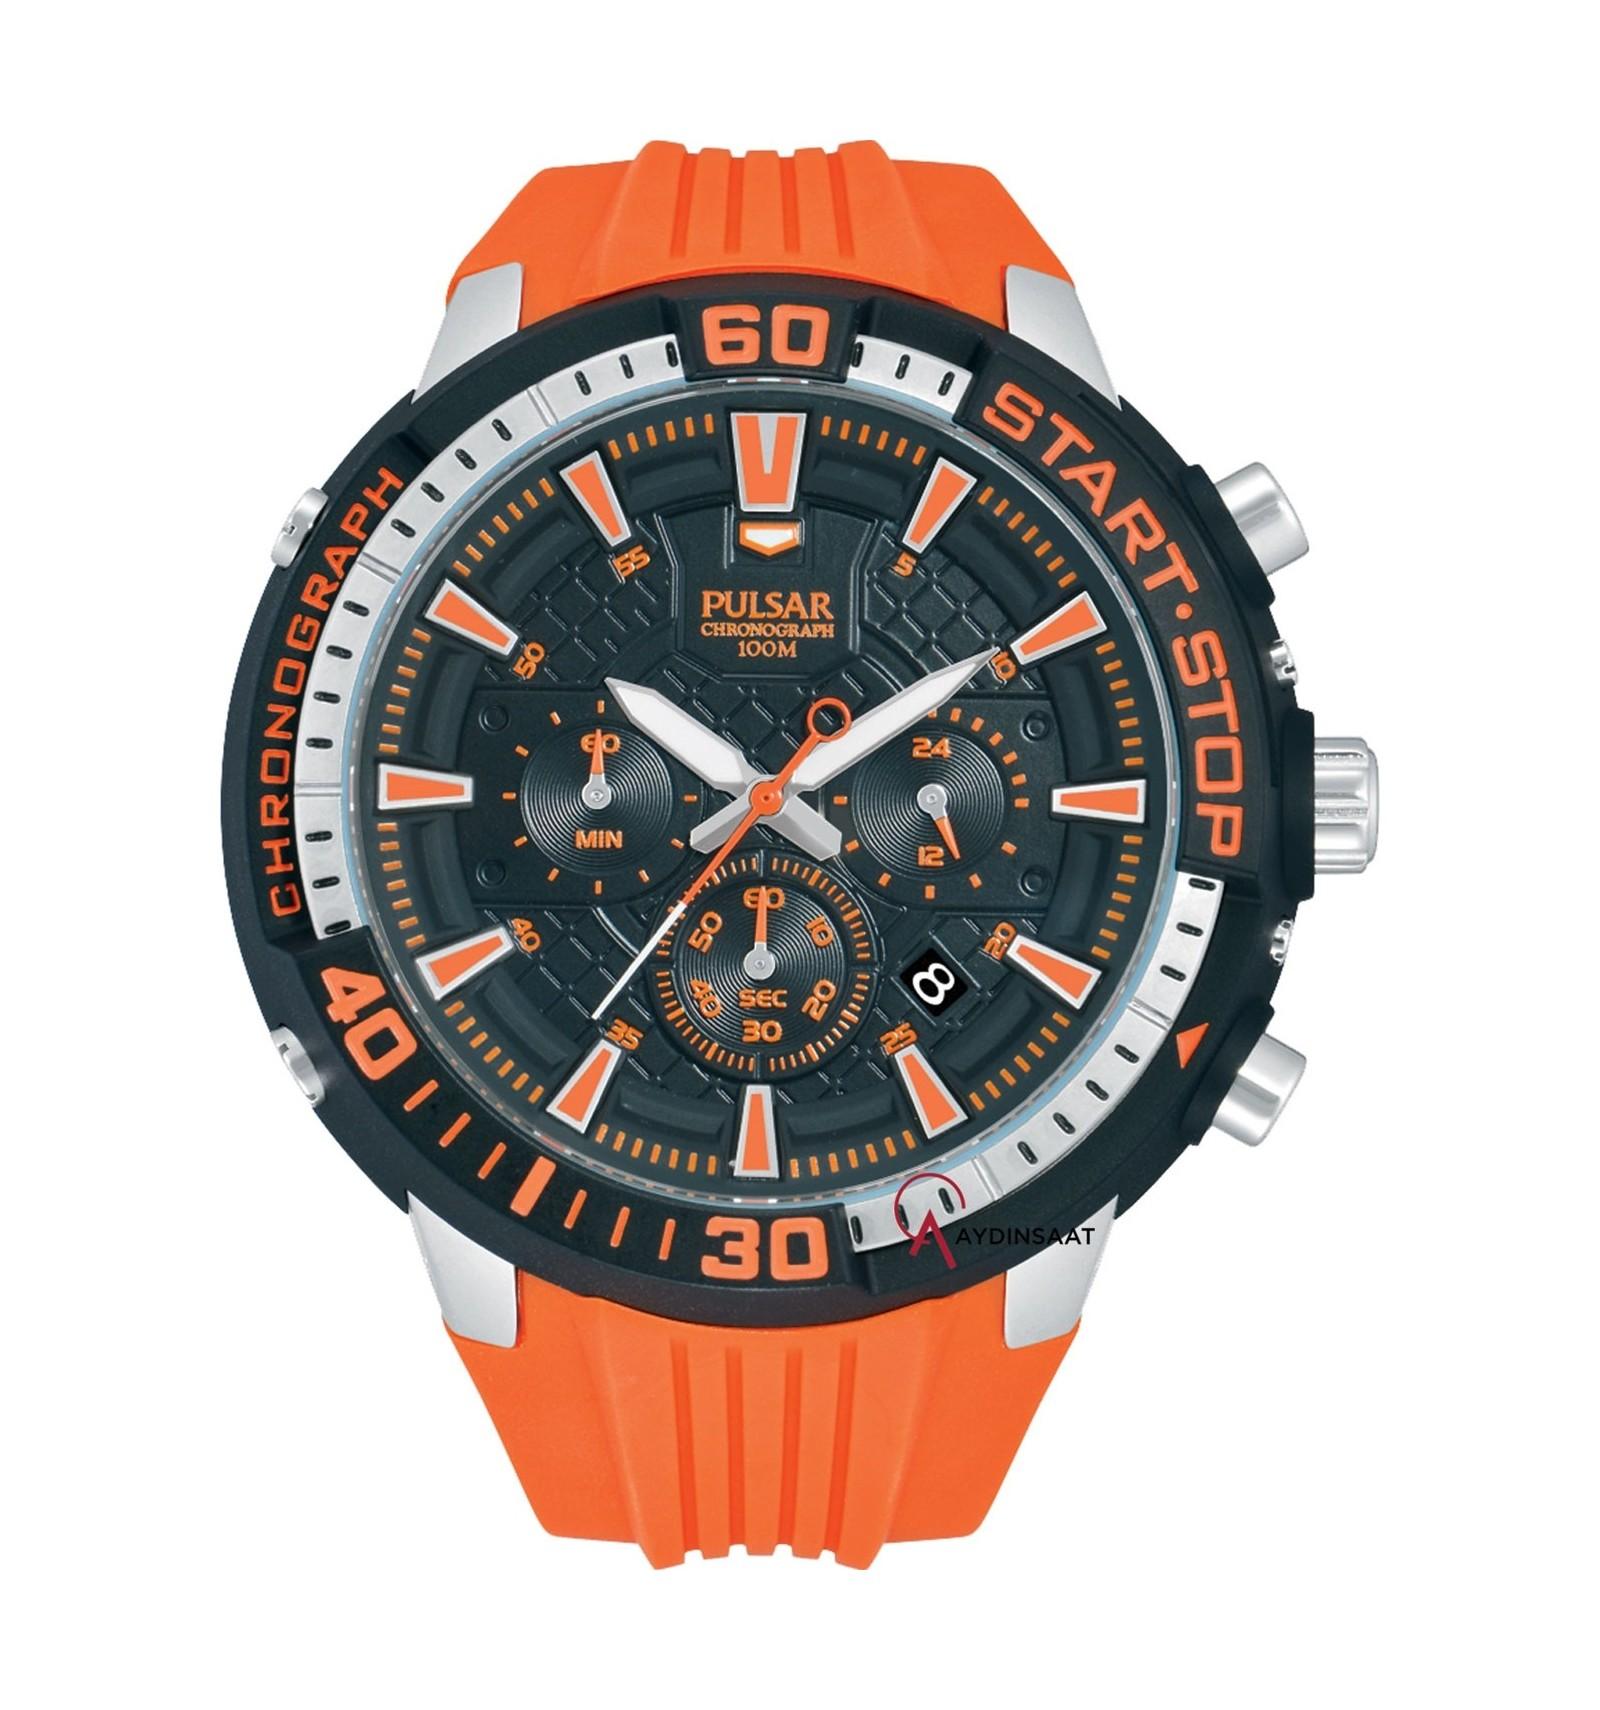 Часы Pulsar в интернет-магазине Westimeru Купить часы